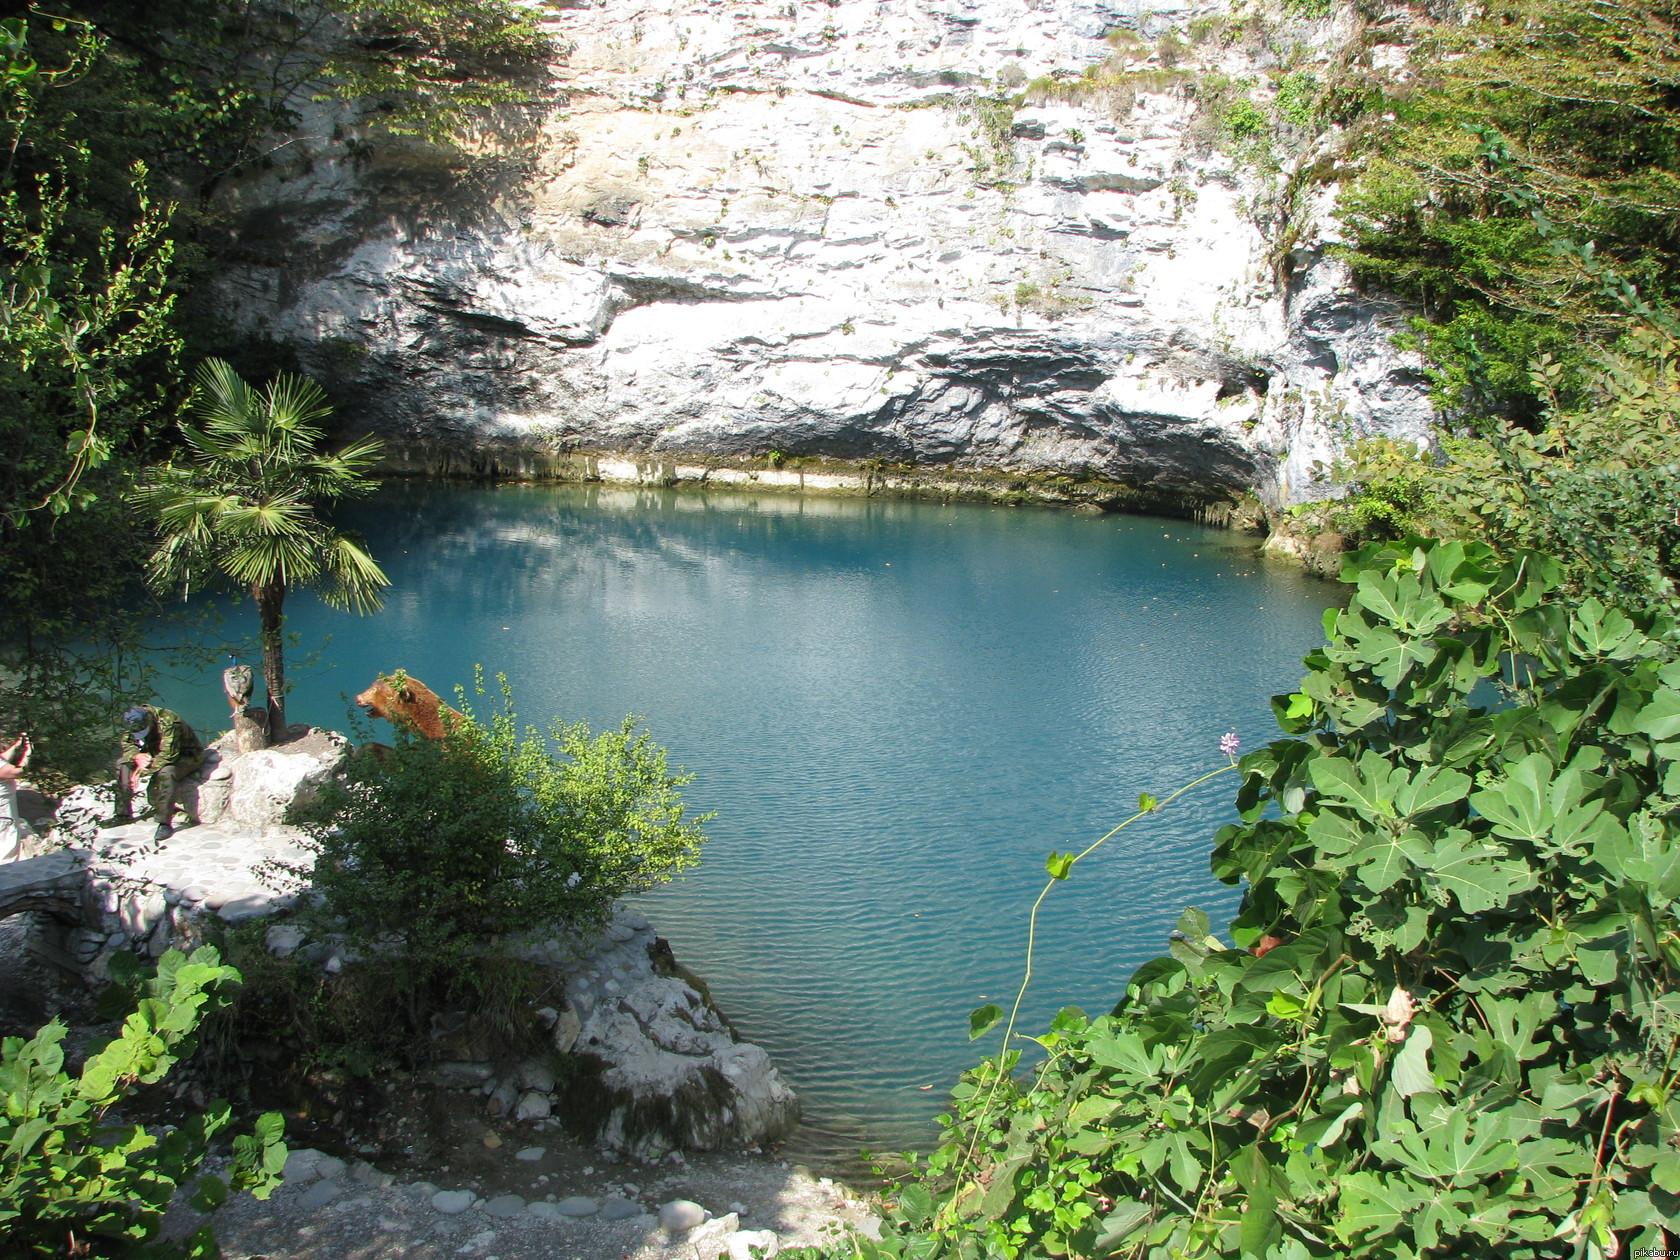 Абхазия. Голубое озеро Озеро голубое, удивительно яркого цвета, который не блекнет и не темнеет даже в самую ненастную погоду.